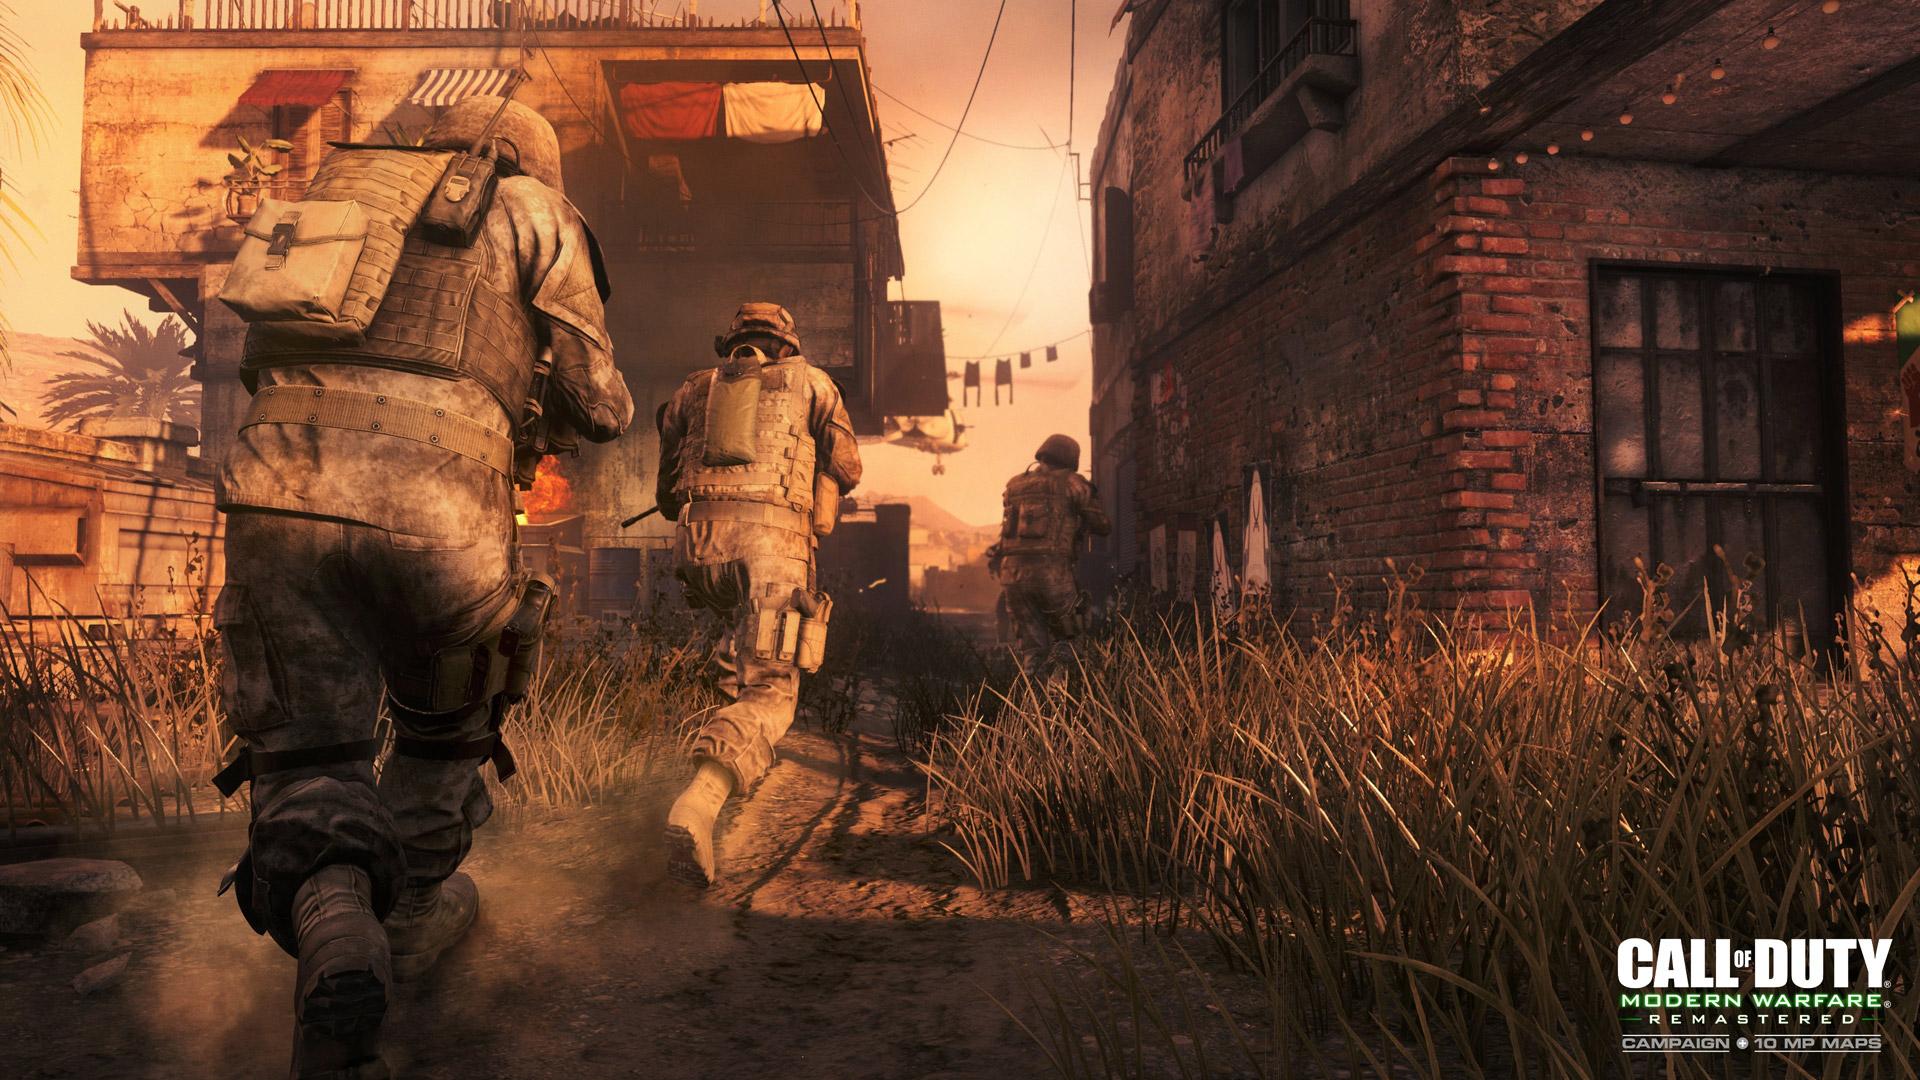 Free Call Of Duty Modern Warfare Wallpaper In 1920x1080